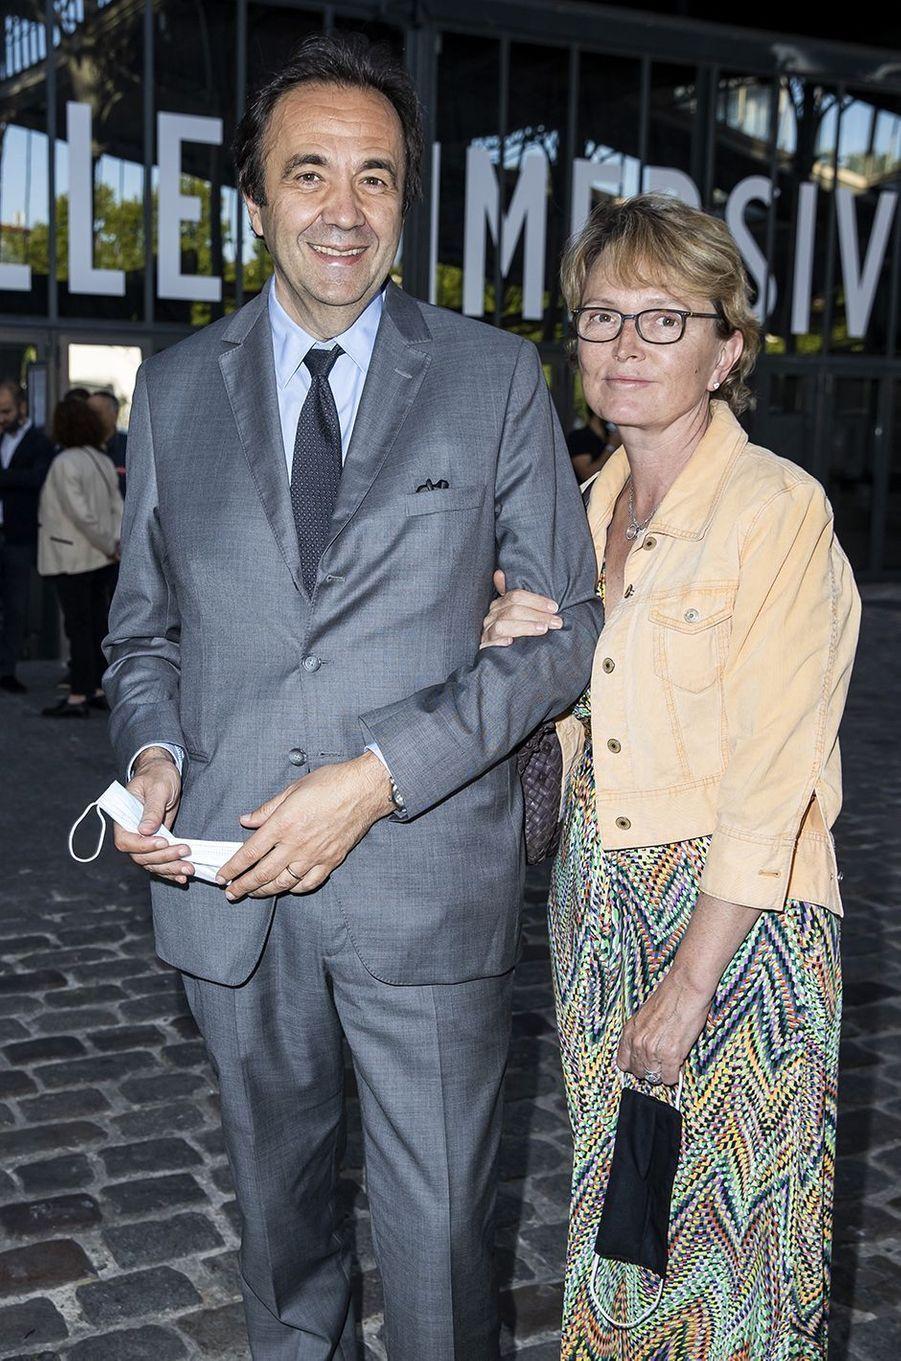 Frédéric Salat-Baroux et Claude Chiracà l'exposition Jam Capsule à la Villette à Paris le 22 juin 2020